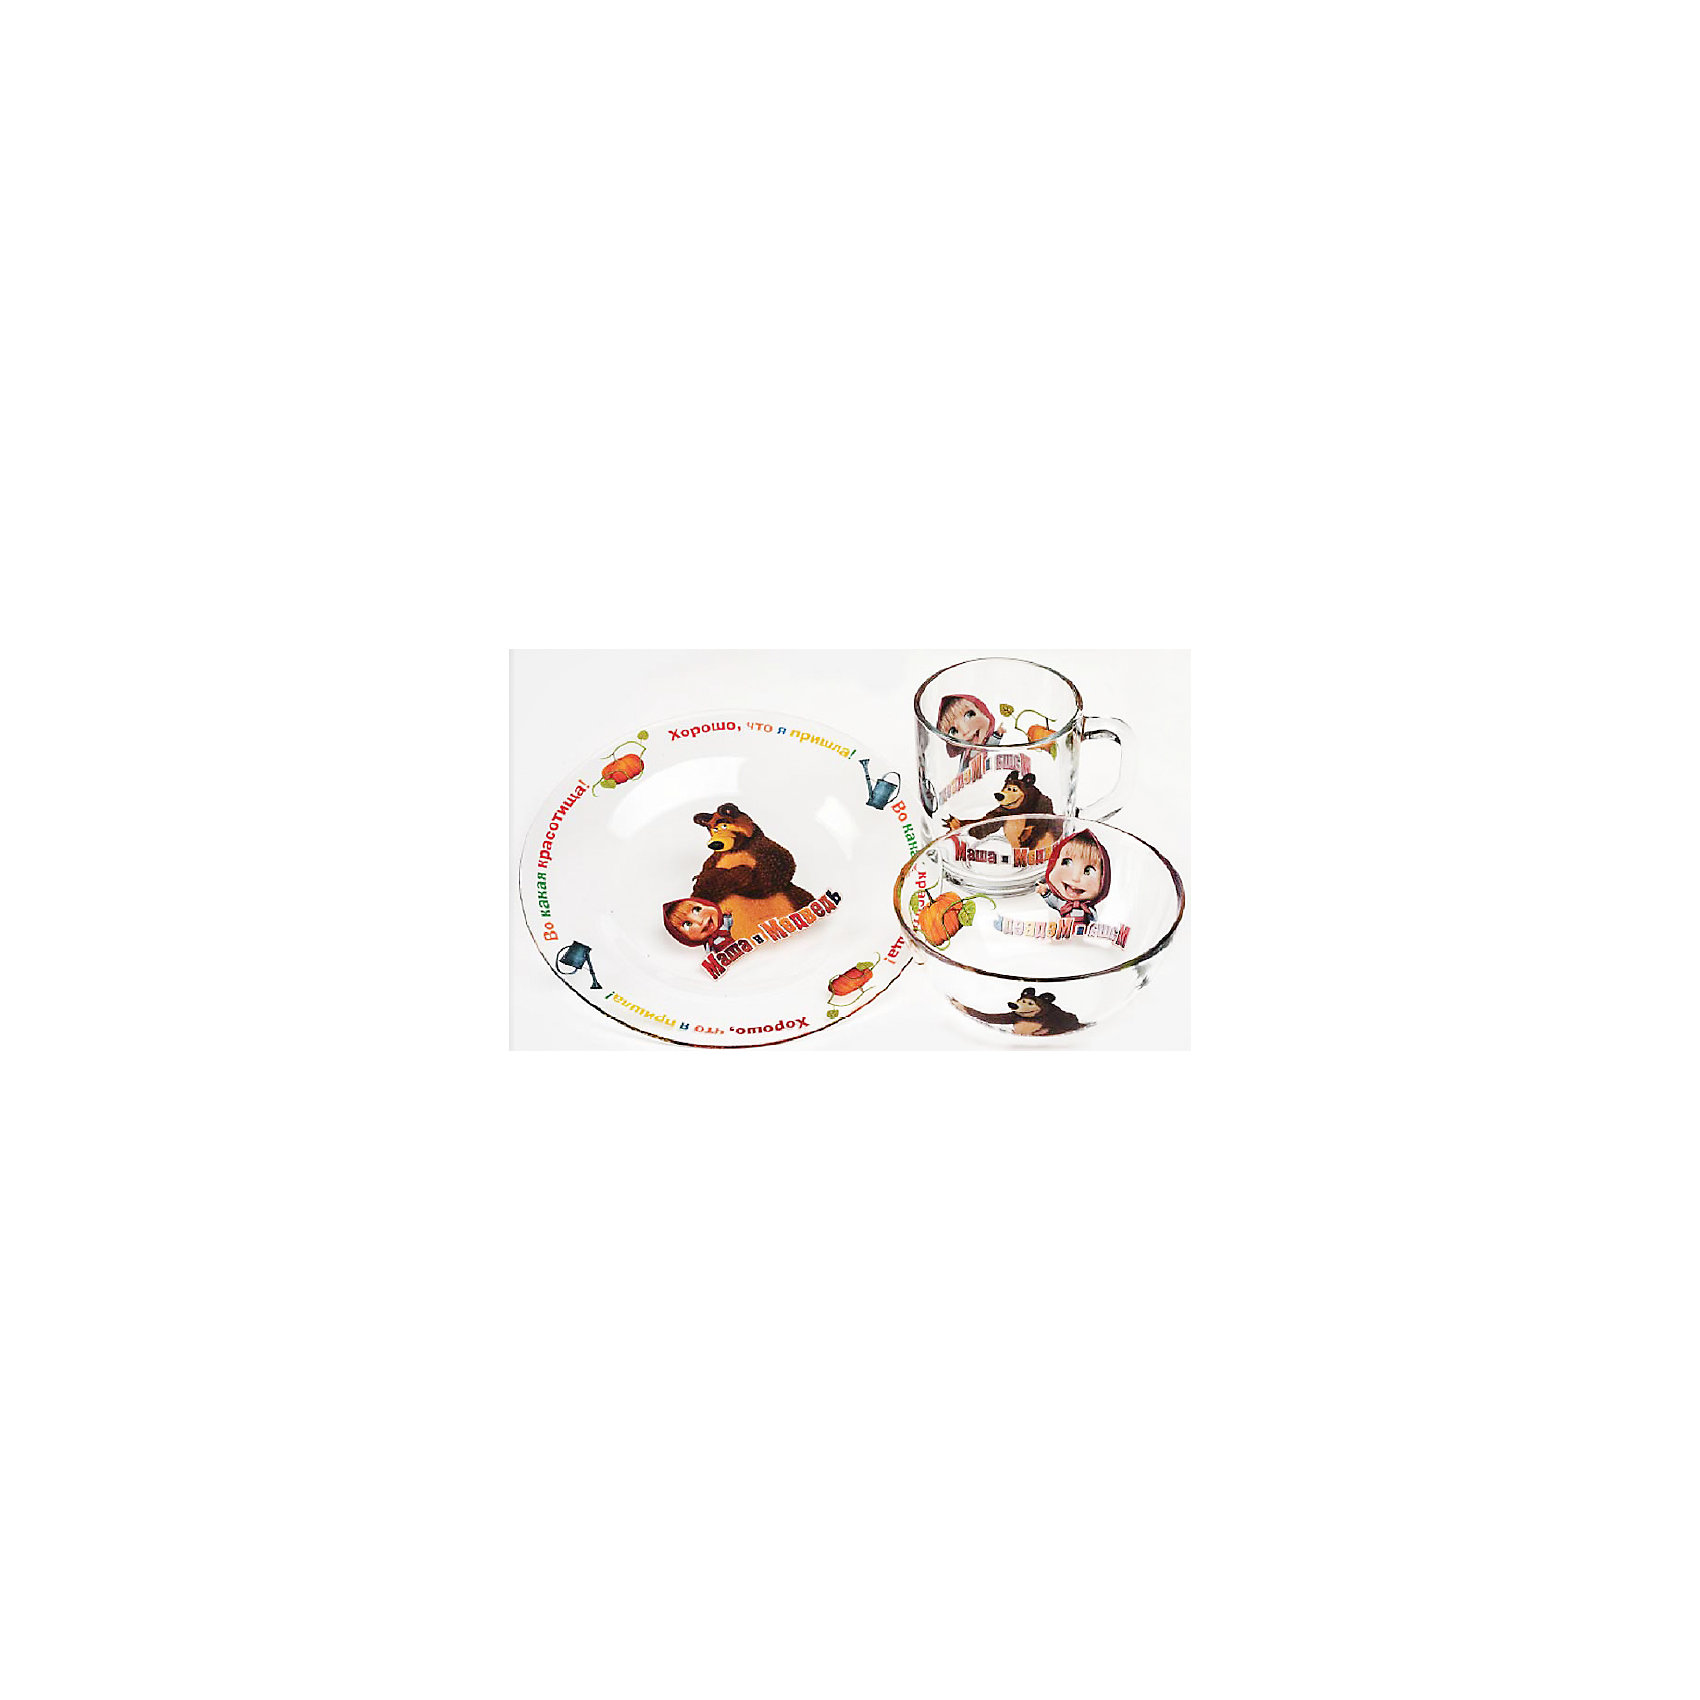 Набор посуды Огород (3 предмета, стекло), Маша и МедведьНабор посуды Огород (3 предмета, стекло), Маша и Медведь – посуда с героями мультсериала «Маша и Медведь» порадует ребенка.<br>Набор красочной детской посуды Маша и Медведь Огород выполненный из качественного стекла, идеально подойдет для повседневного использования. В комплект входят: кружка с удобной ручкой, салатник-супница, тарелка. Все предметы украшены яркими изображениями проказницы Маши и добродушного Медведя. С такой посудой привычная еда станет более вкусной и приятной, а кормление малыша превратится в веселую и интересную игру.<br><br>Дополнительная информация:<br><br>- В наборе: кружка, салатник-супница, тарелка<br>- Материал: стекло<br>- Диаметр тарелки: 19,5 см.<br>- Диаметр салатника-супницы: 12,5 см.<br>- Высота салатника-супницы: 5 см.<br>- Объем кружки: 250 мл.<br>- Диаметр кружки: 7 см.<br>- Высота кружки: 9 см.<br>- Упаковка: удобная, красочная картонная коробка<br>- Размер упаковки: 20,5 x 11 x 20,5 см.<br>- Вес: 860 гр.<br>- Пригодна для мытья в посудомоечной машине<br><br>Набор посуды Огород (3 предмета, стекло), Маша и Медведь можно купить в нашем интернет-магазине.<br><br>Ширина мм: 205<br>Глубина мм: 110<br>Высота мм: 205<br>Вес г: 860<br>Возраст от месяцев: 36<br>Возраст до месяцев: 144<br>Пол: Унисекс<br>Возраст: Детский<br>SKU: 4603867